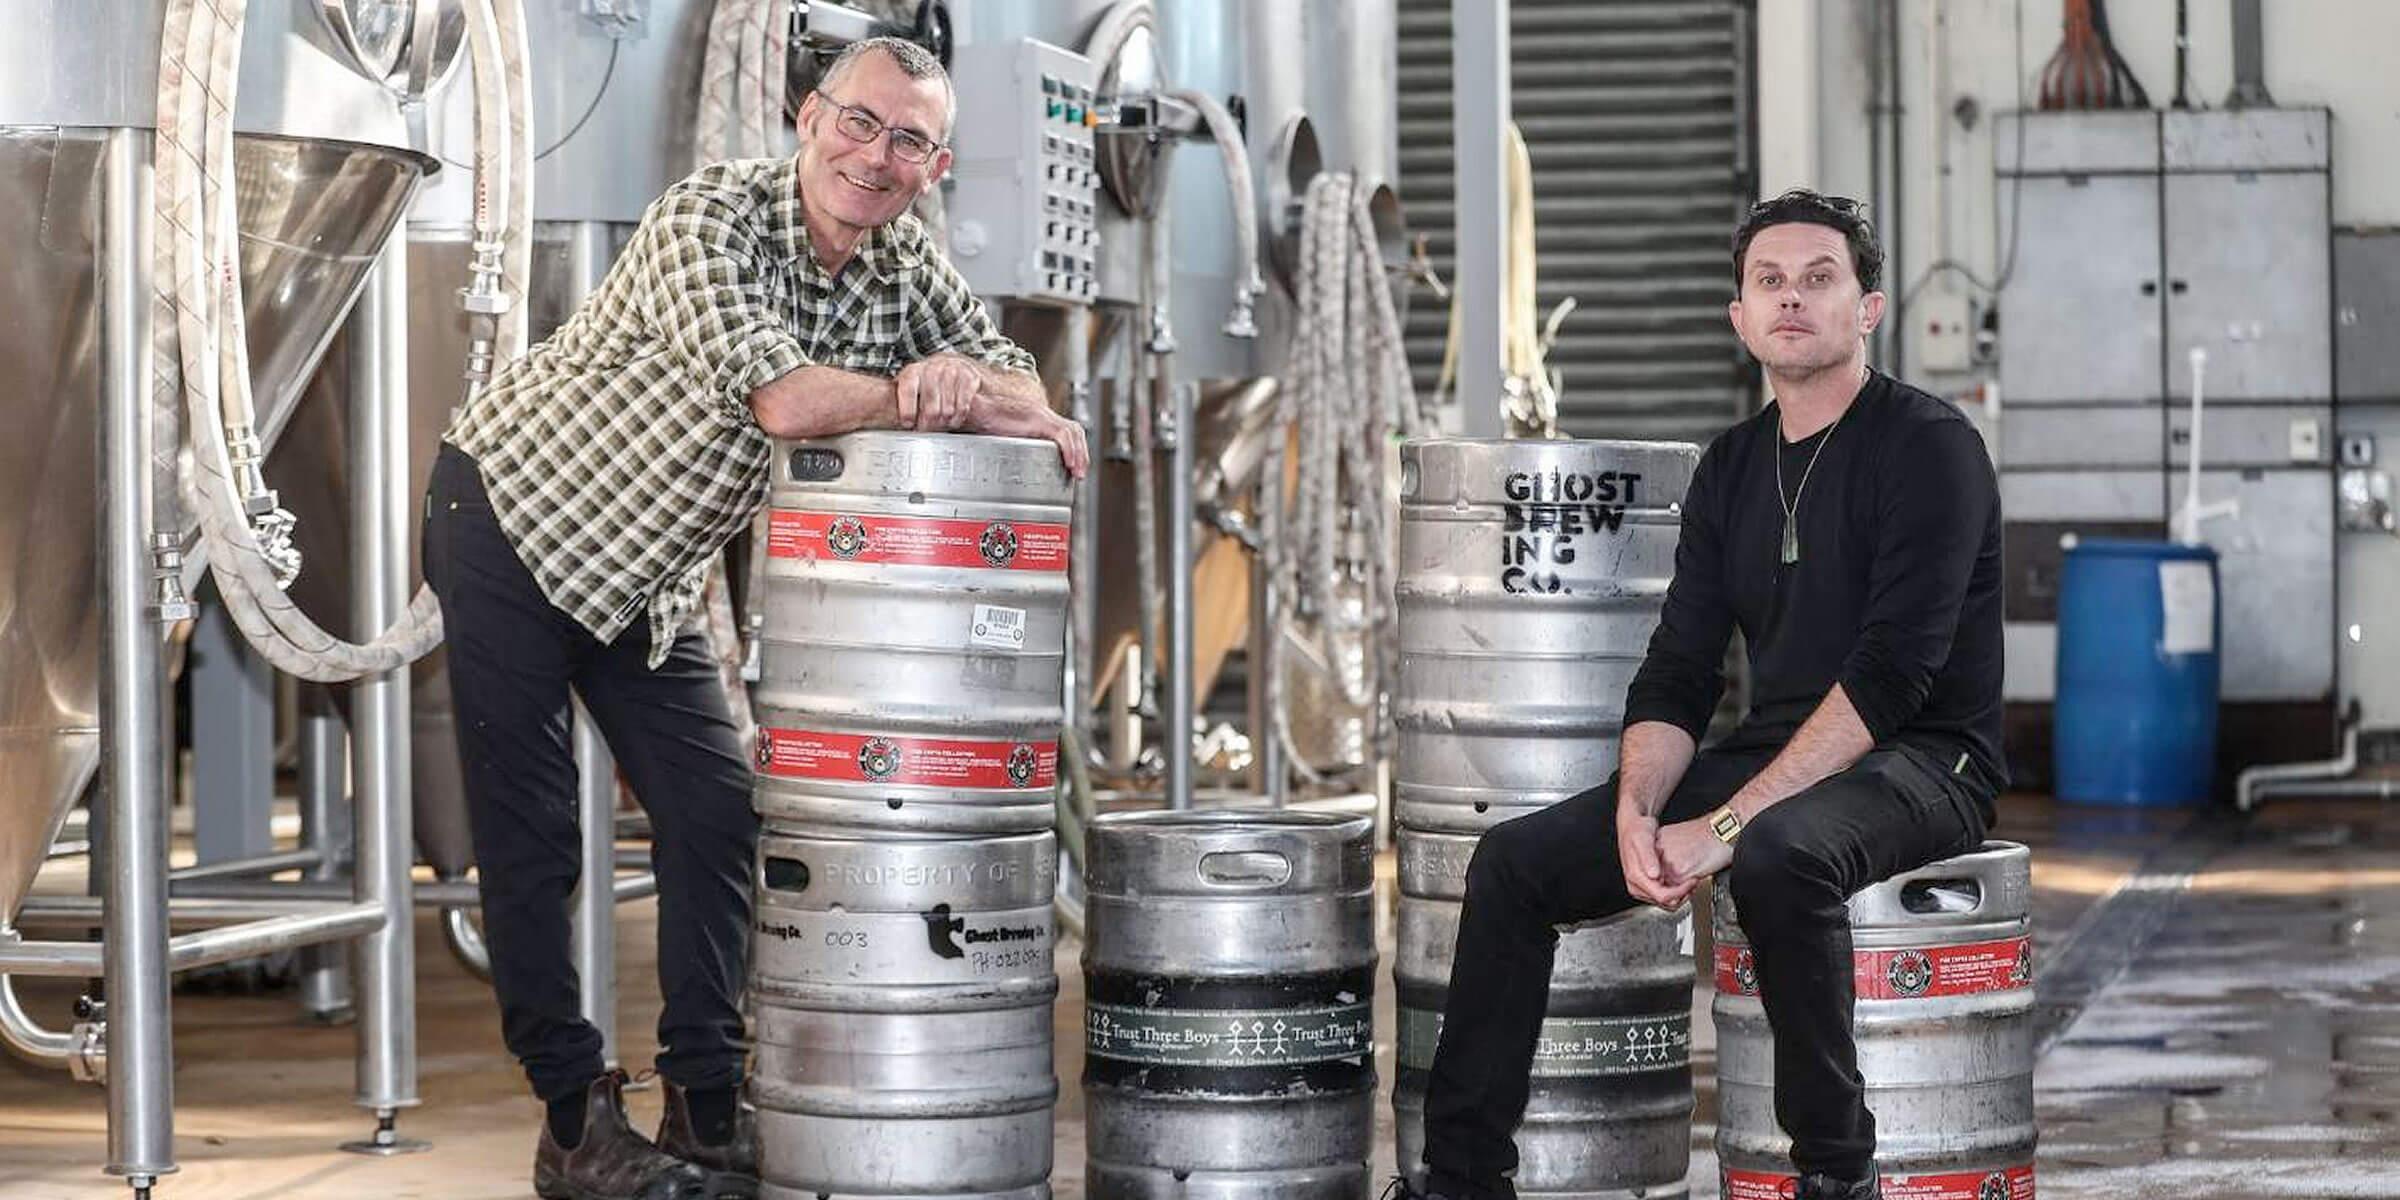 Beer brewers Ralph Bungard and Muz Moeller have launched the NZ Beer Exchange.